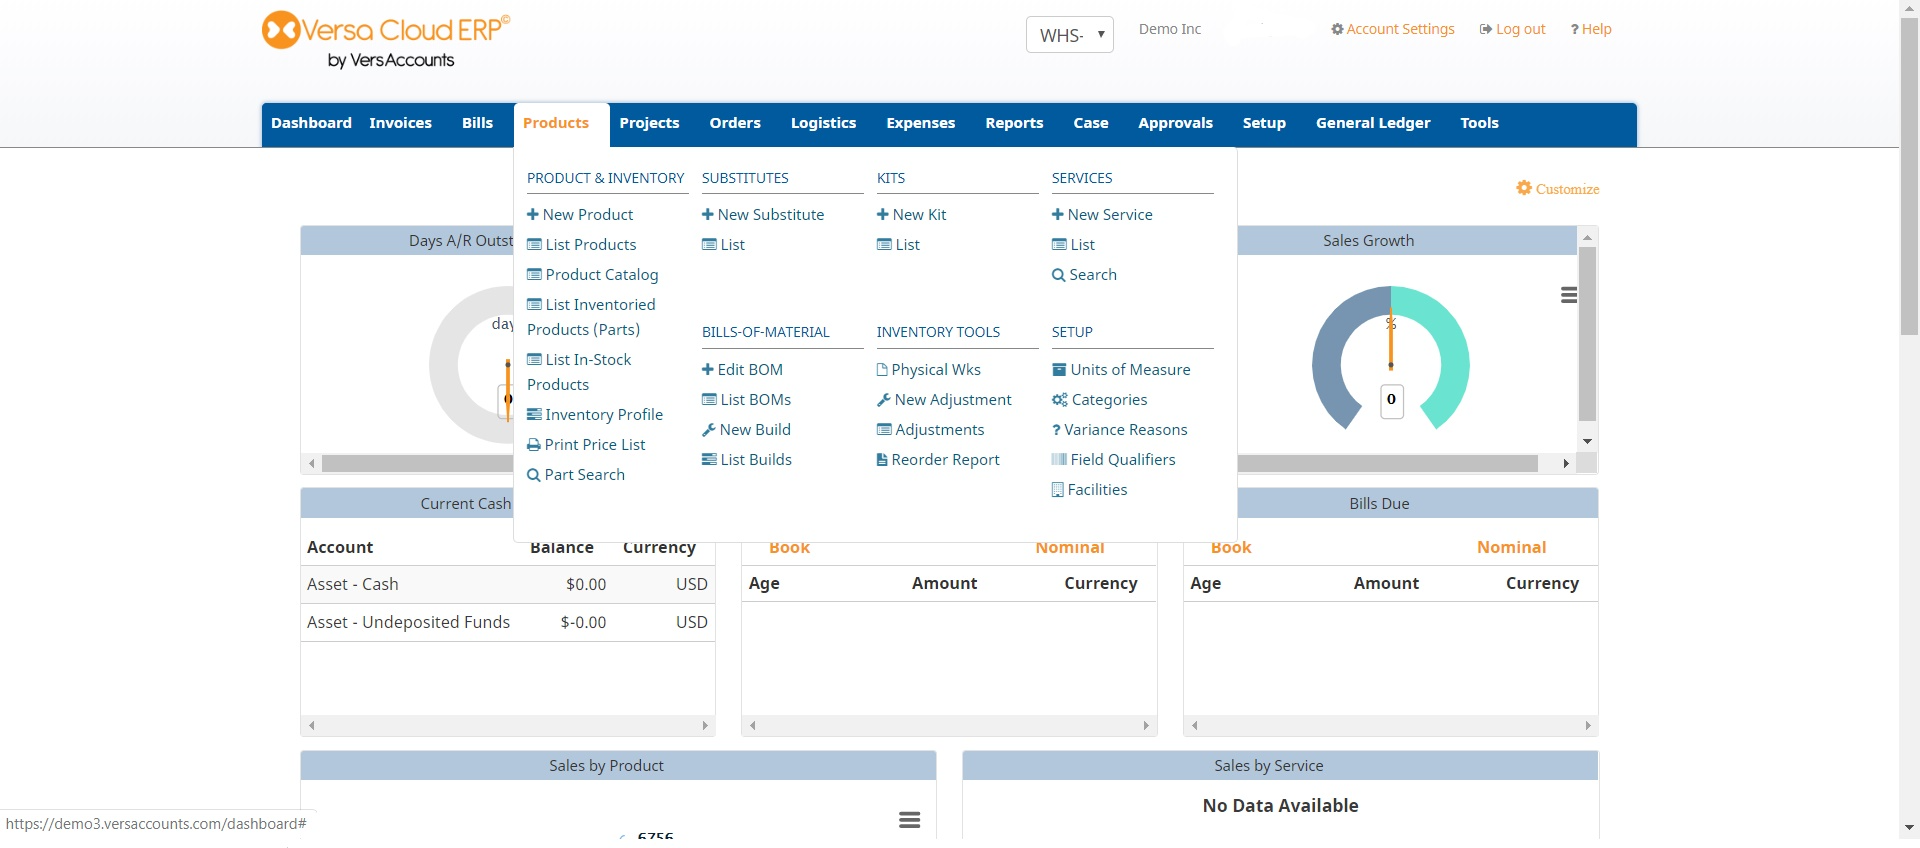 Versa Cloud ERP Software - 6